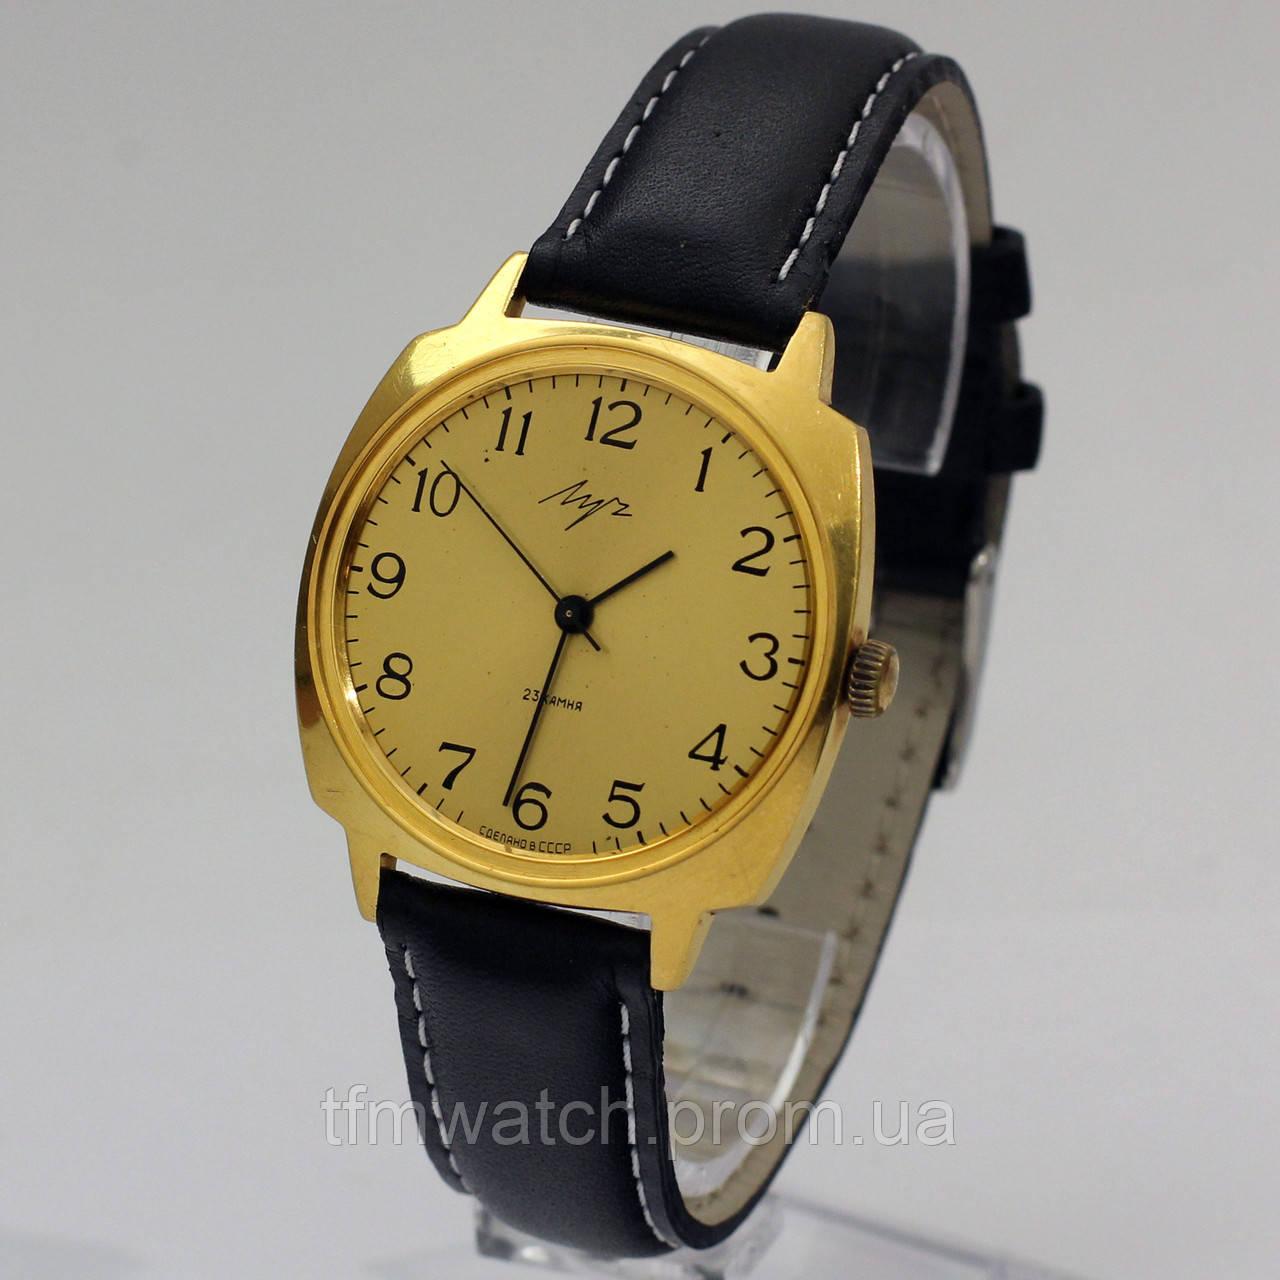 Позолоченные часы Луч мужские